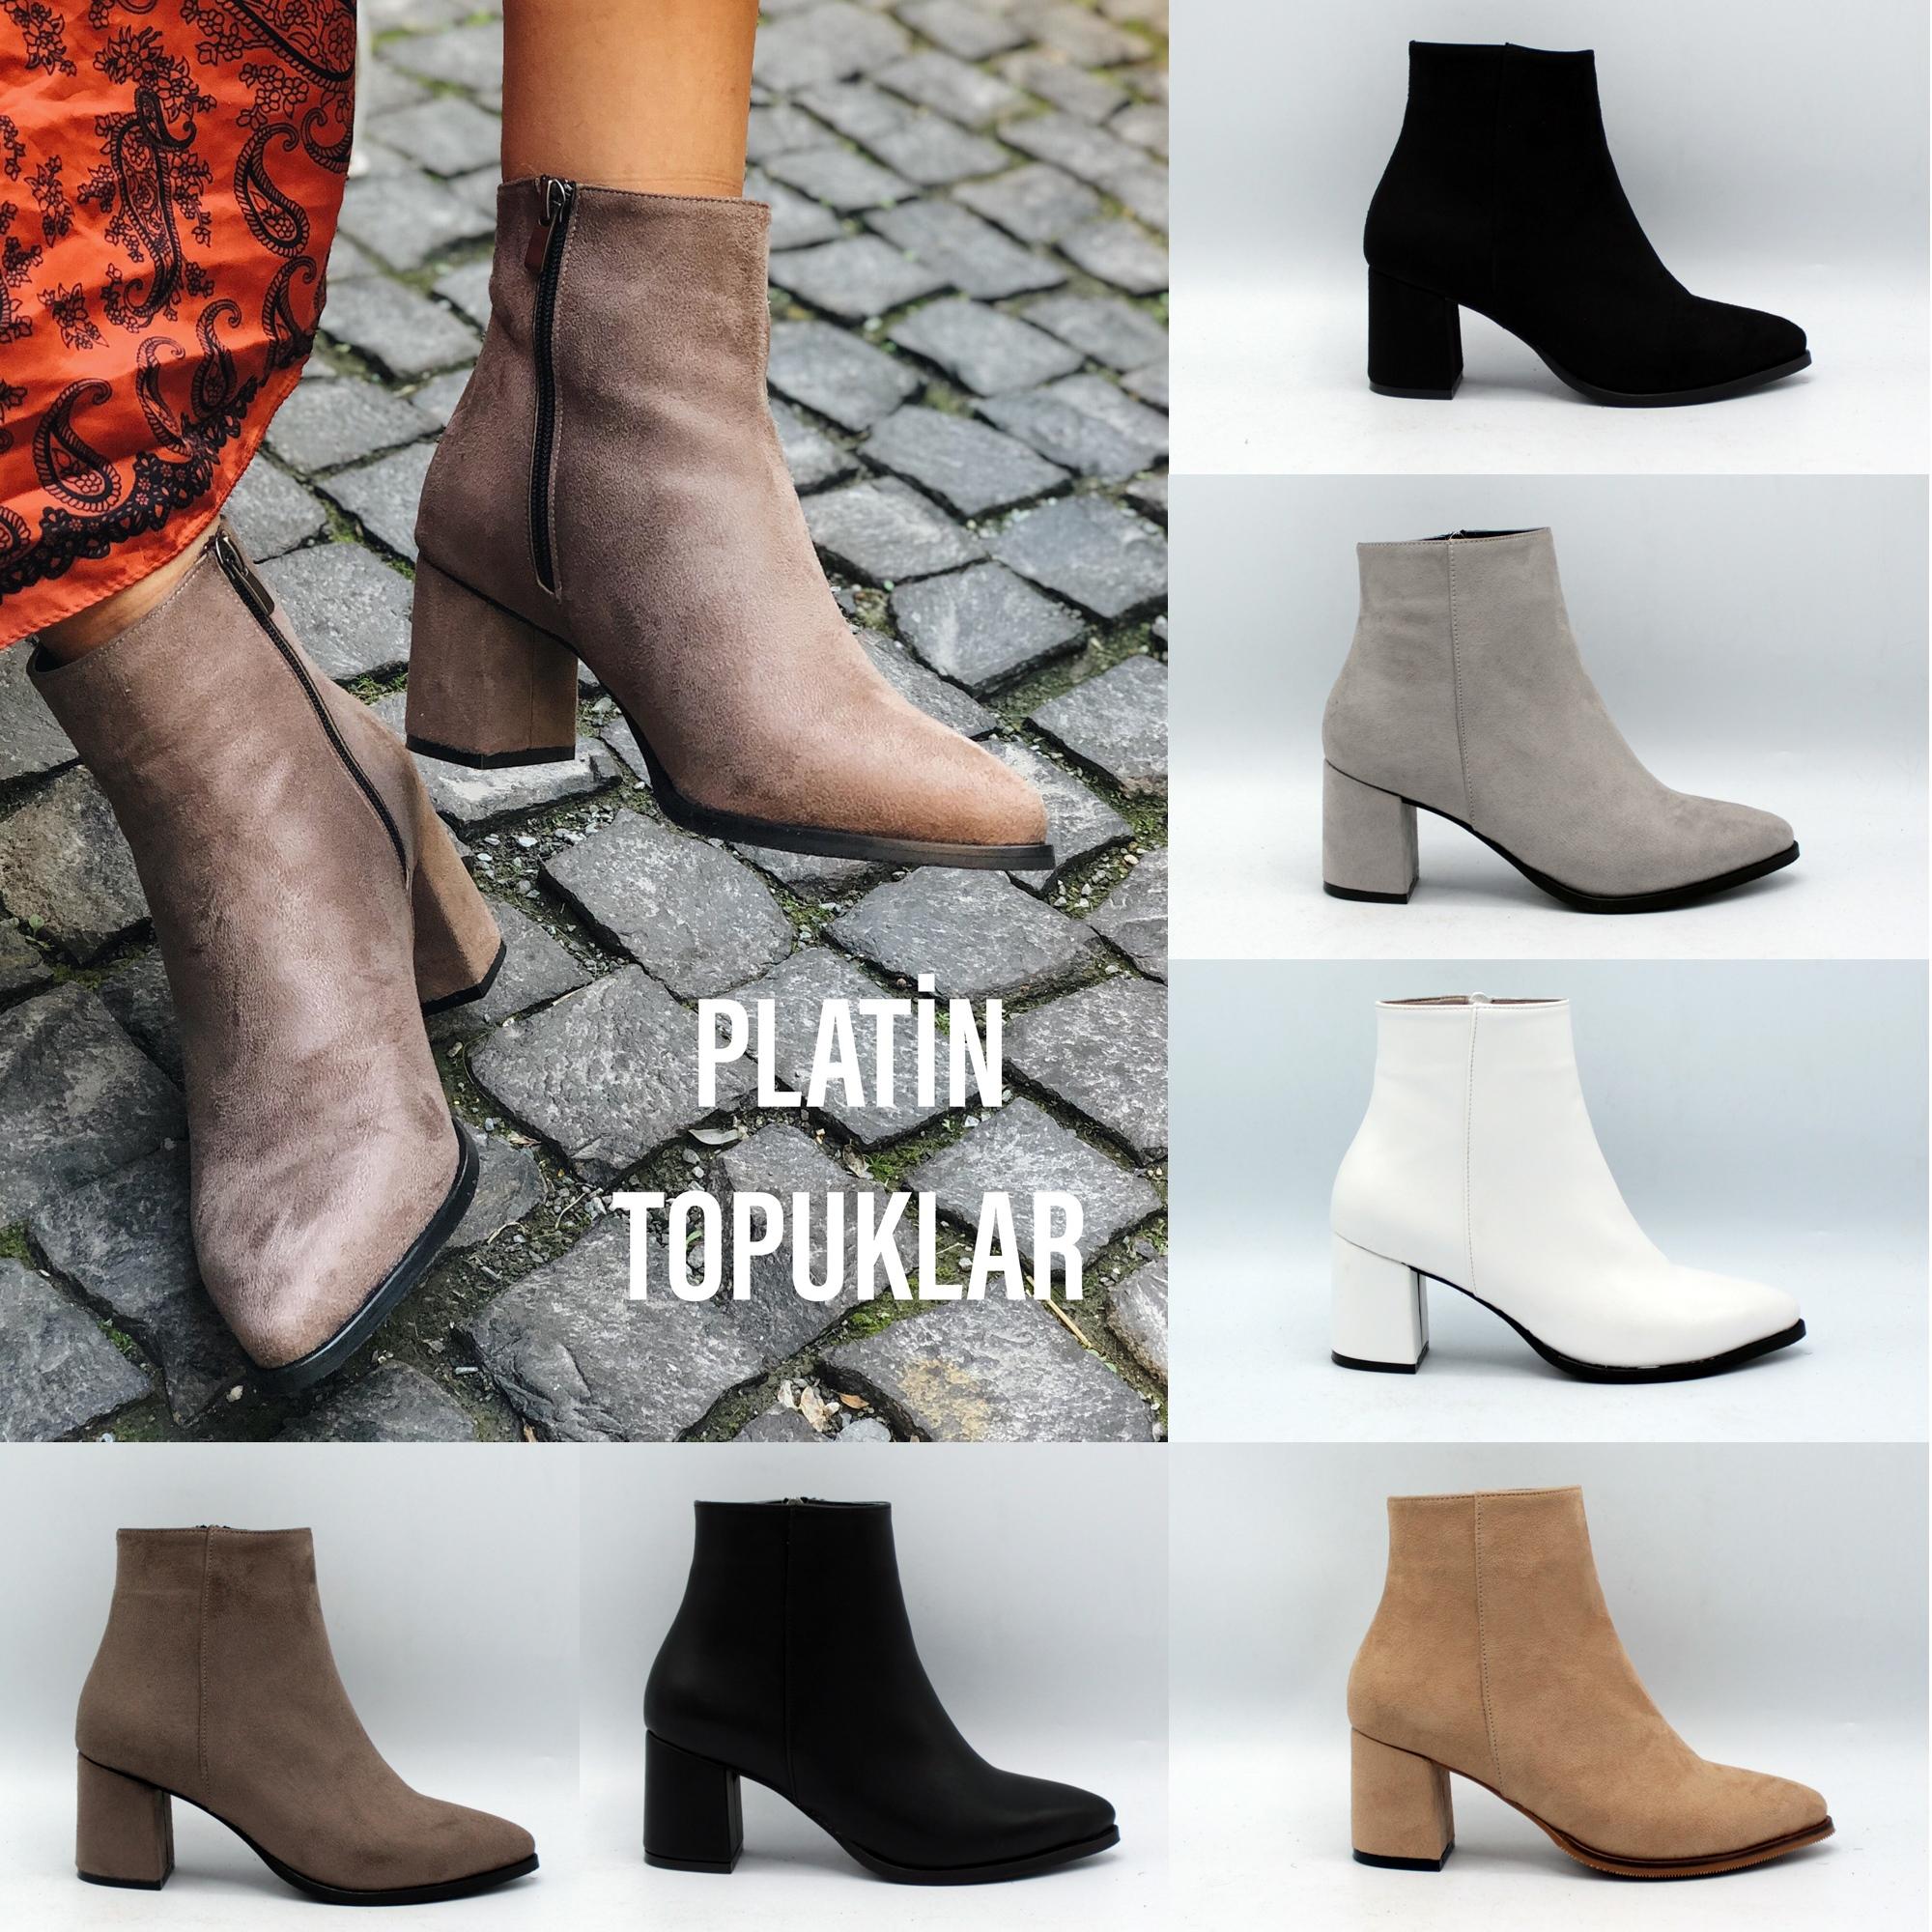 High Heel Women Stylish Boots Trend Footwear